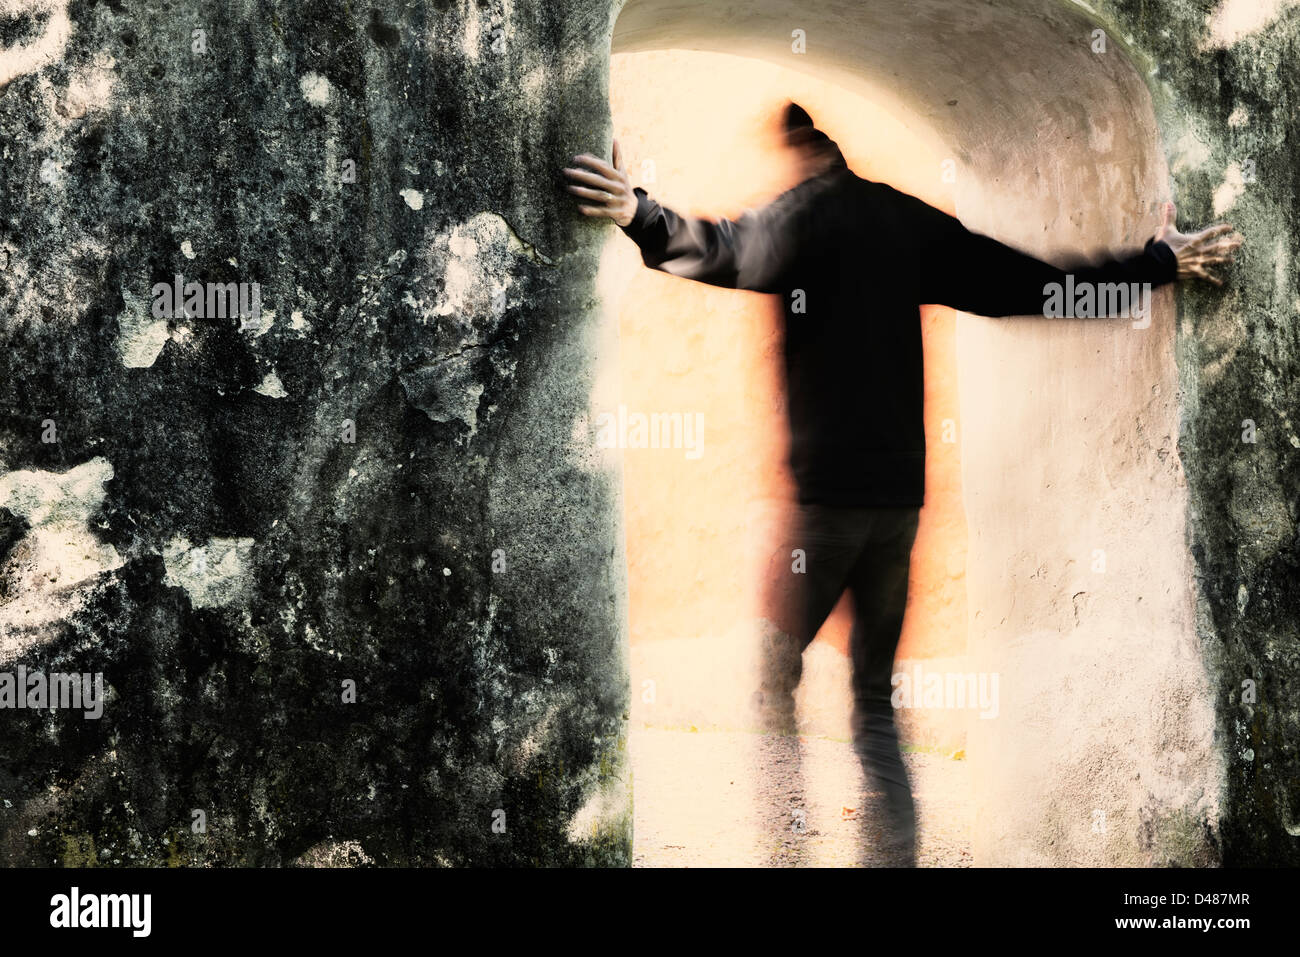 Adulto macho mover das trevas para a luz através do portal. Ele está segurando o muro de pedra. Imagens de Stock